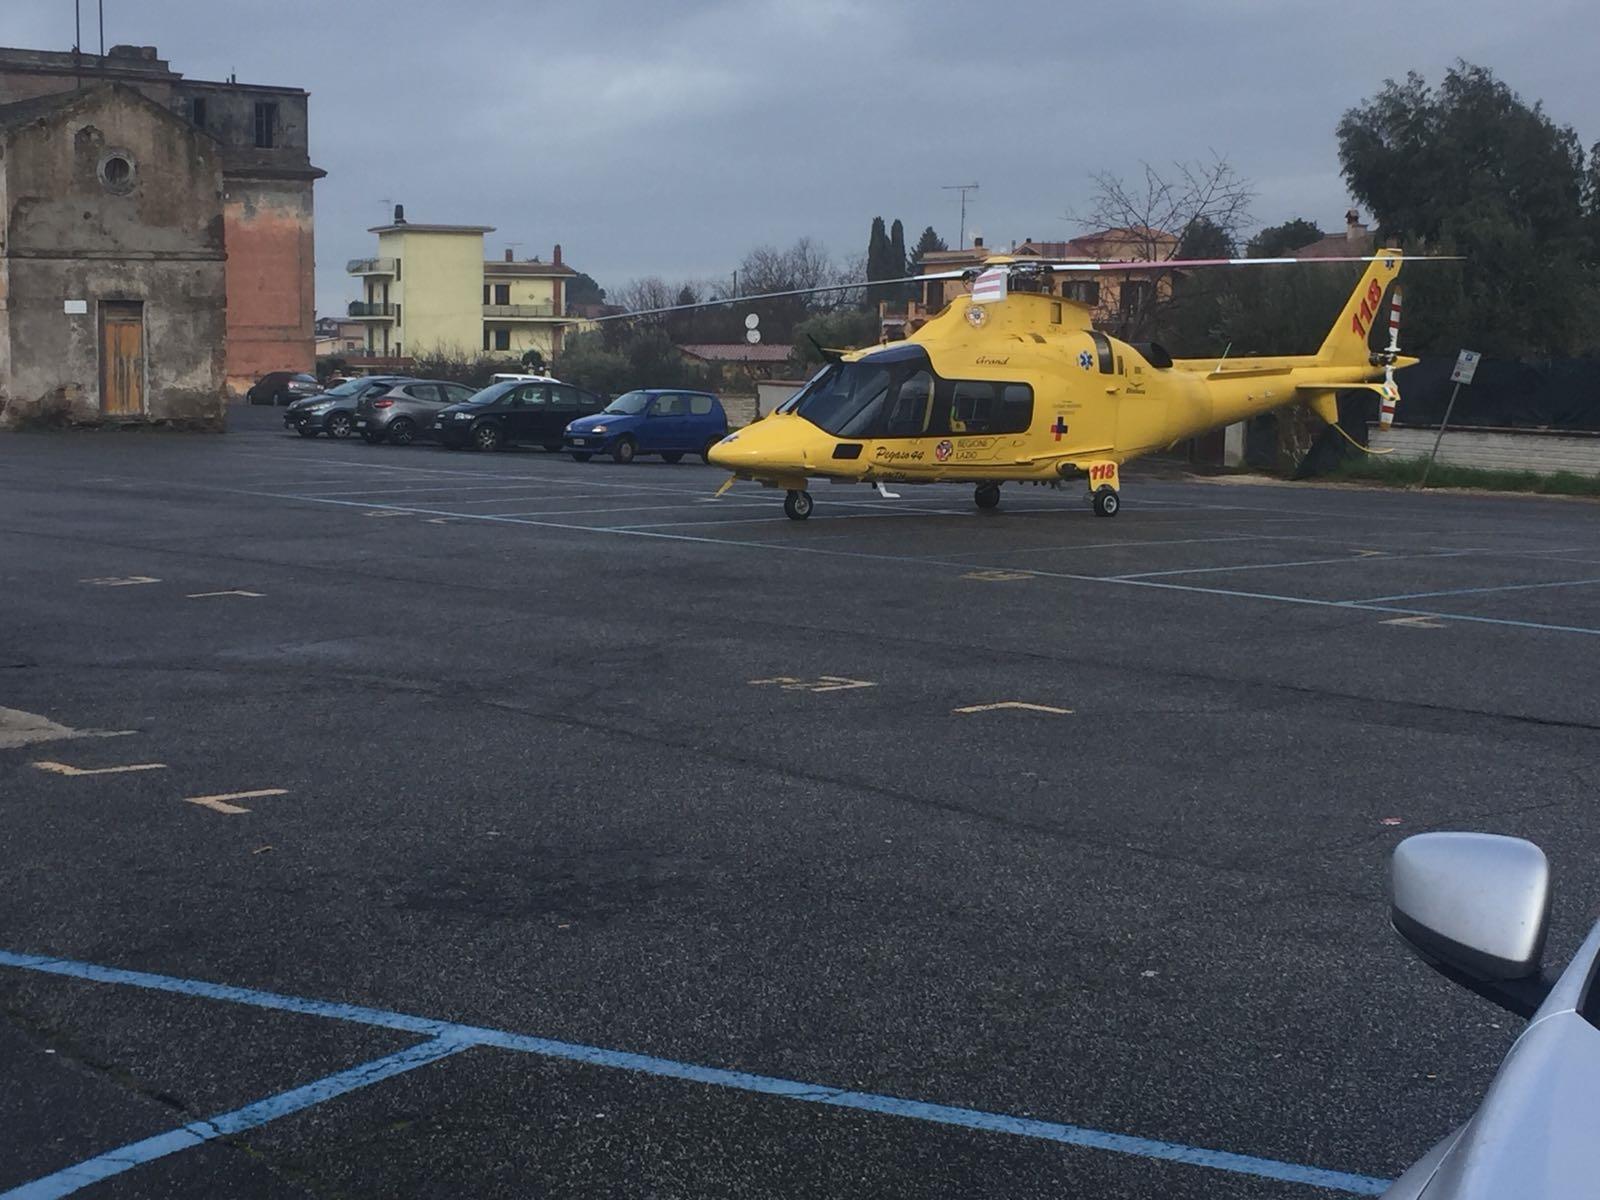 A91 Roma Fiumicino incidente tra Aeroporto e Parco Leonardo oggi lunedì 4 novembre 2019